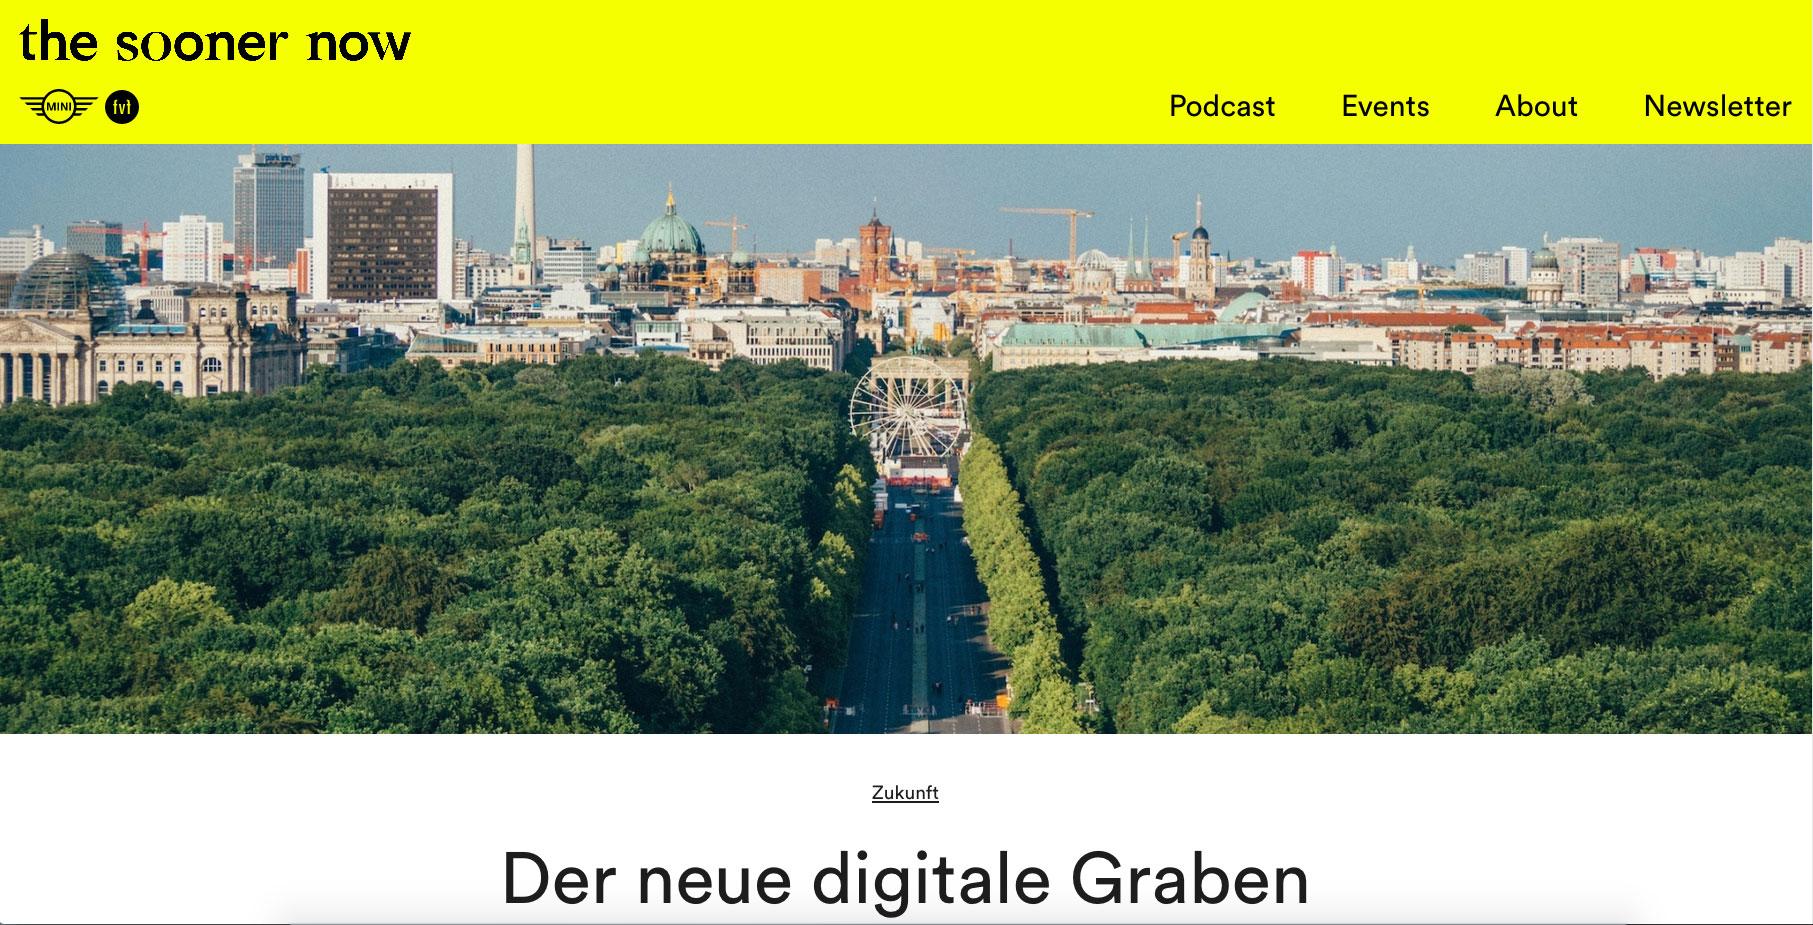 Der neue digitale Graben